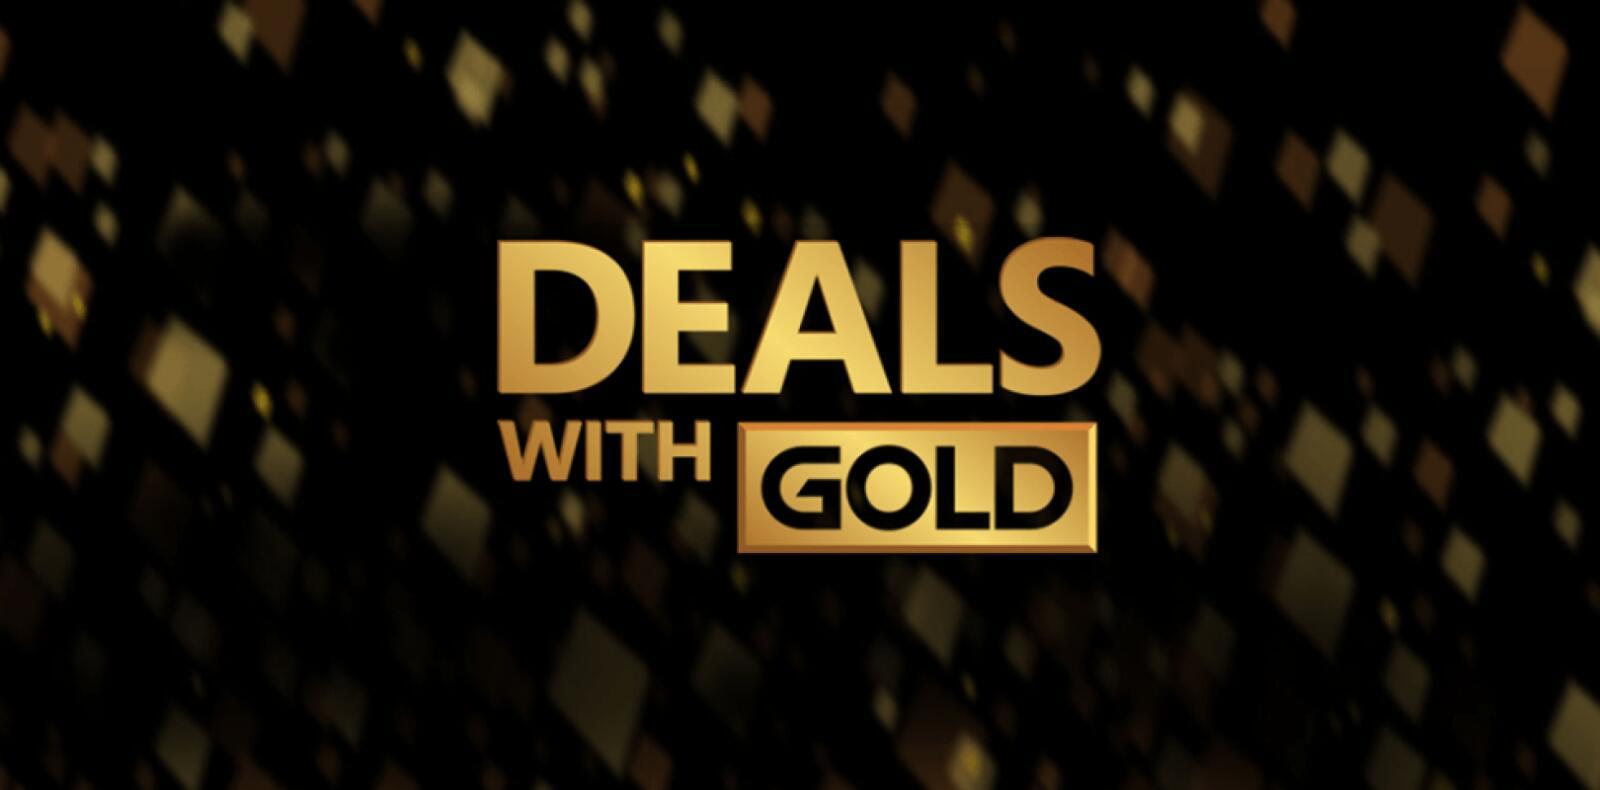 Xbox: Deals With Gold semana del 16 al 23 de febrero de 2021